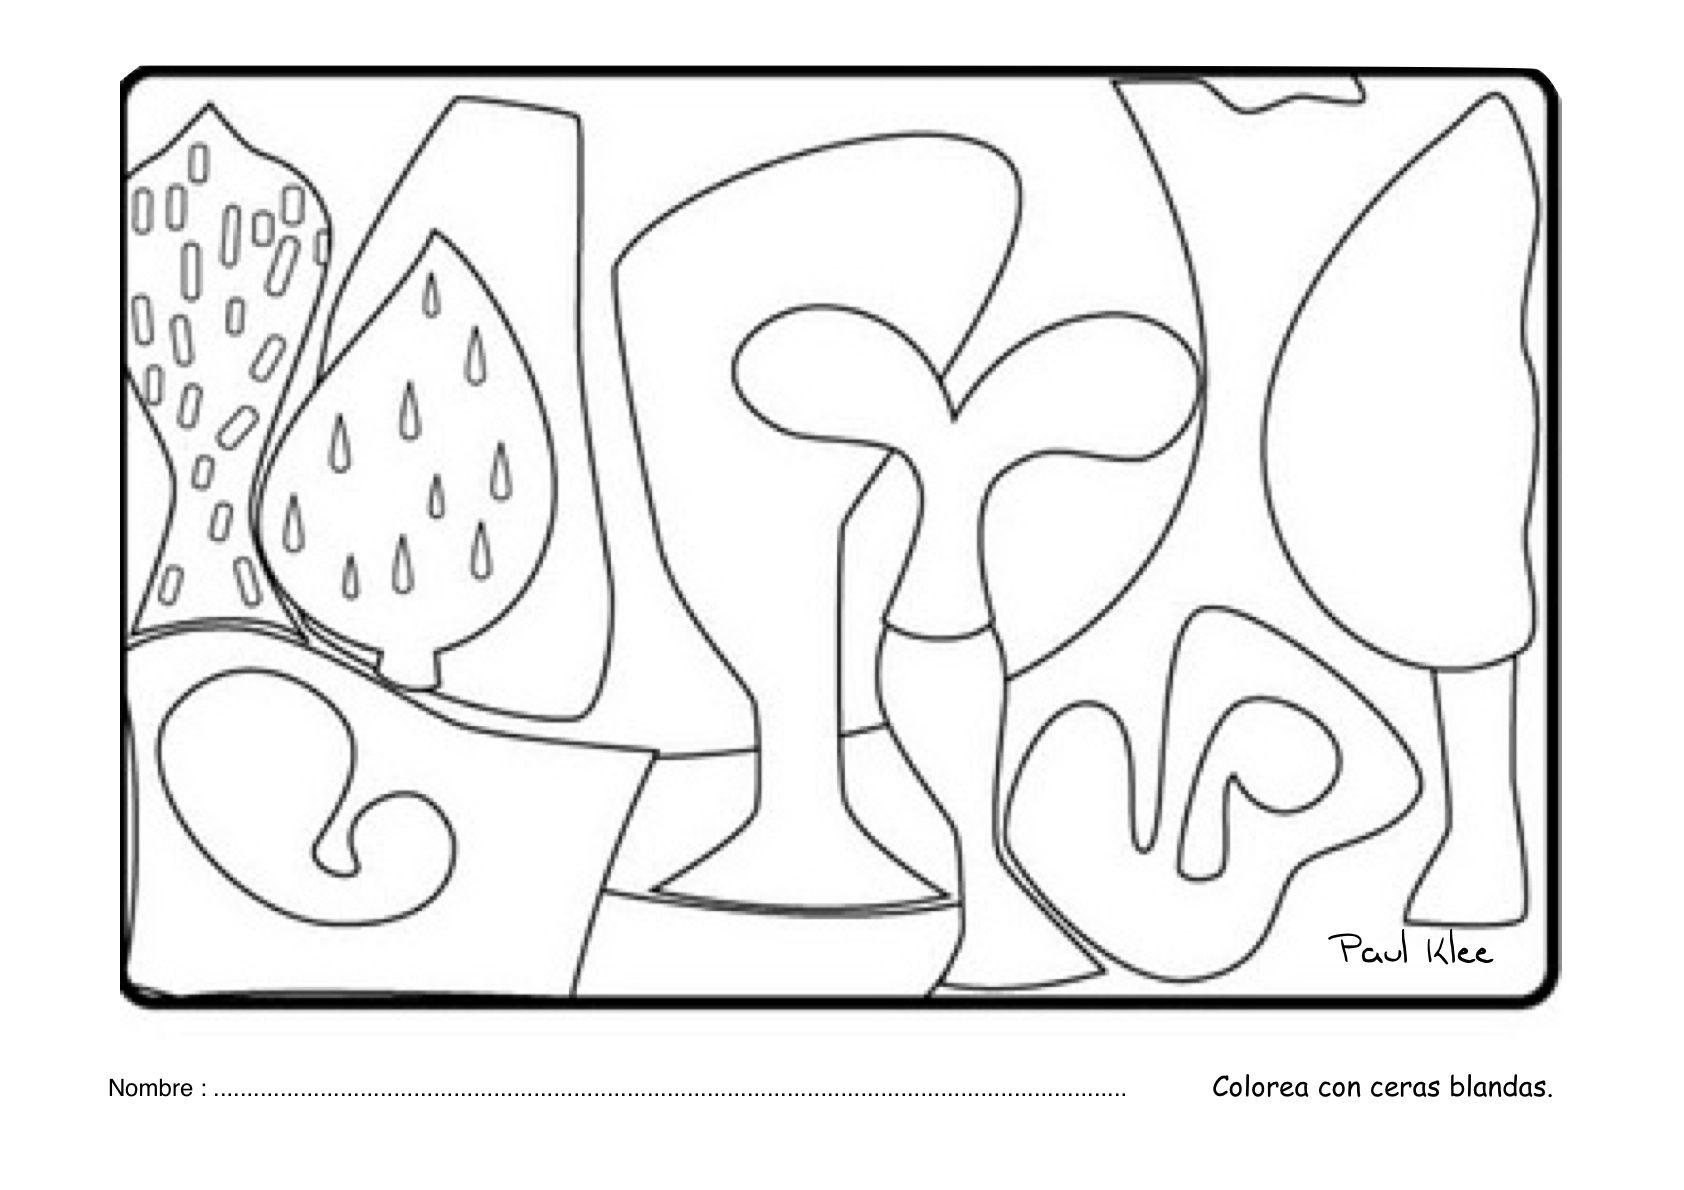 Cuadros de paul klee para colorear buscar con google for Paul klee coloring pages